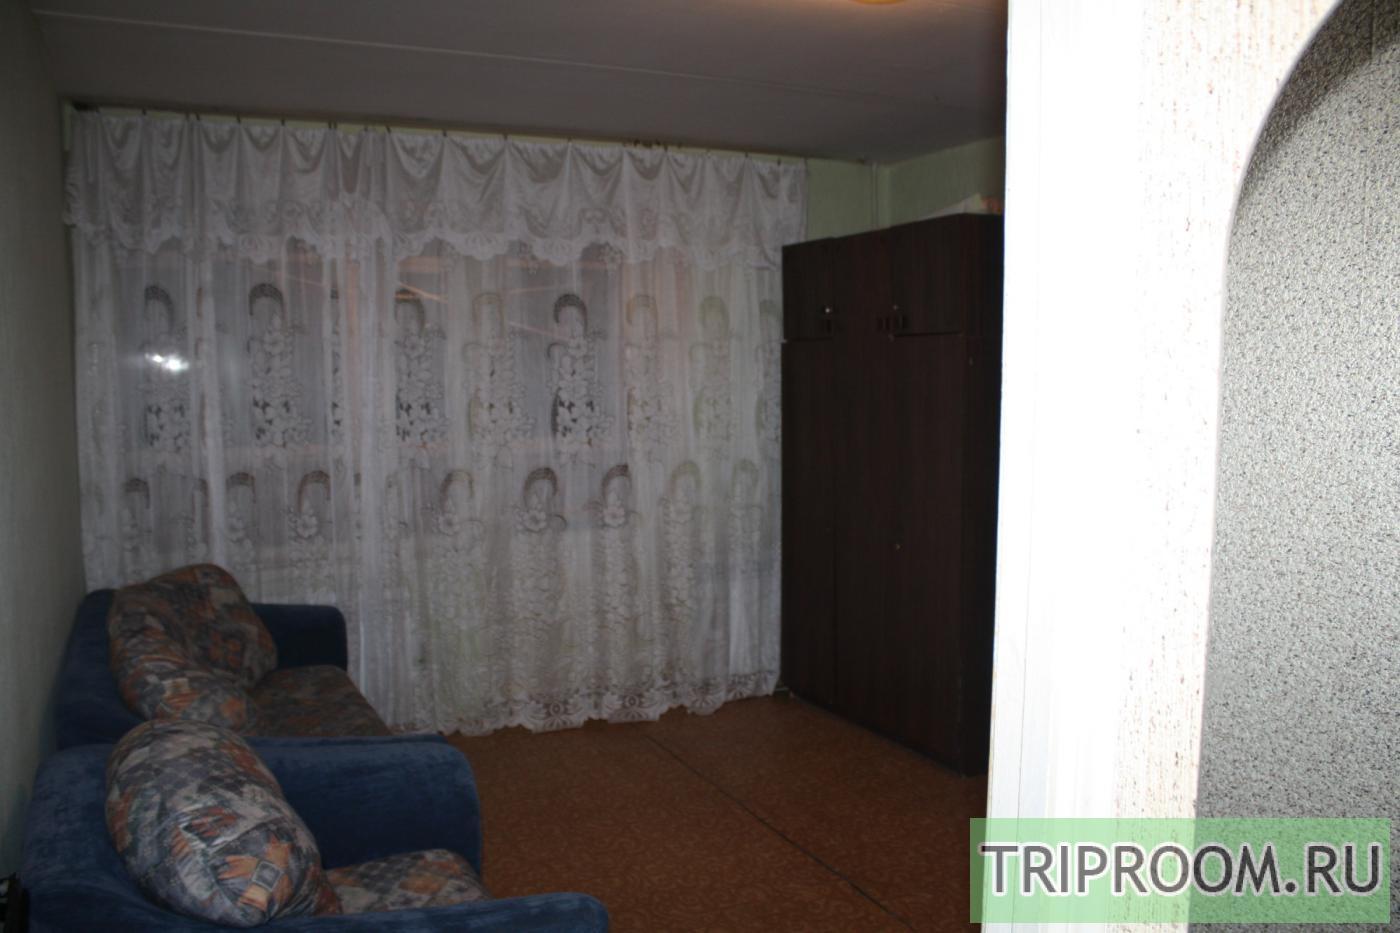 1-комнатная квартира посуточно (вариант № 15679), ул. Отрадная улица, фото № 7